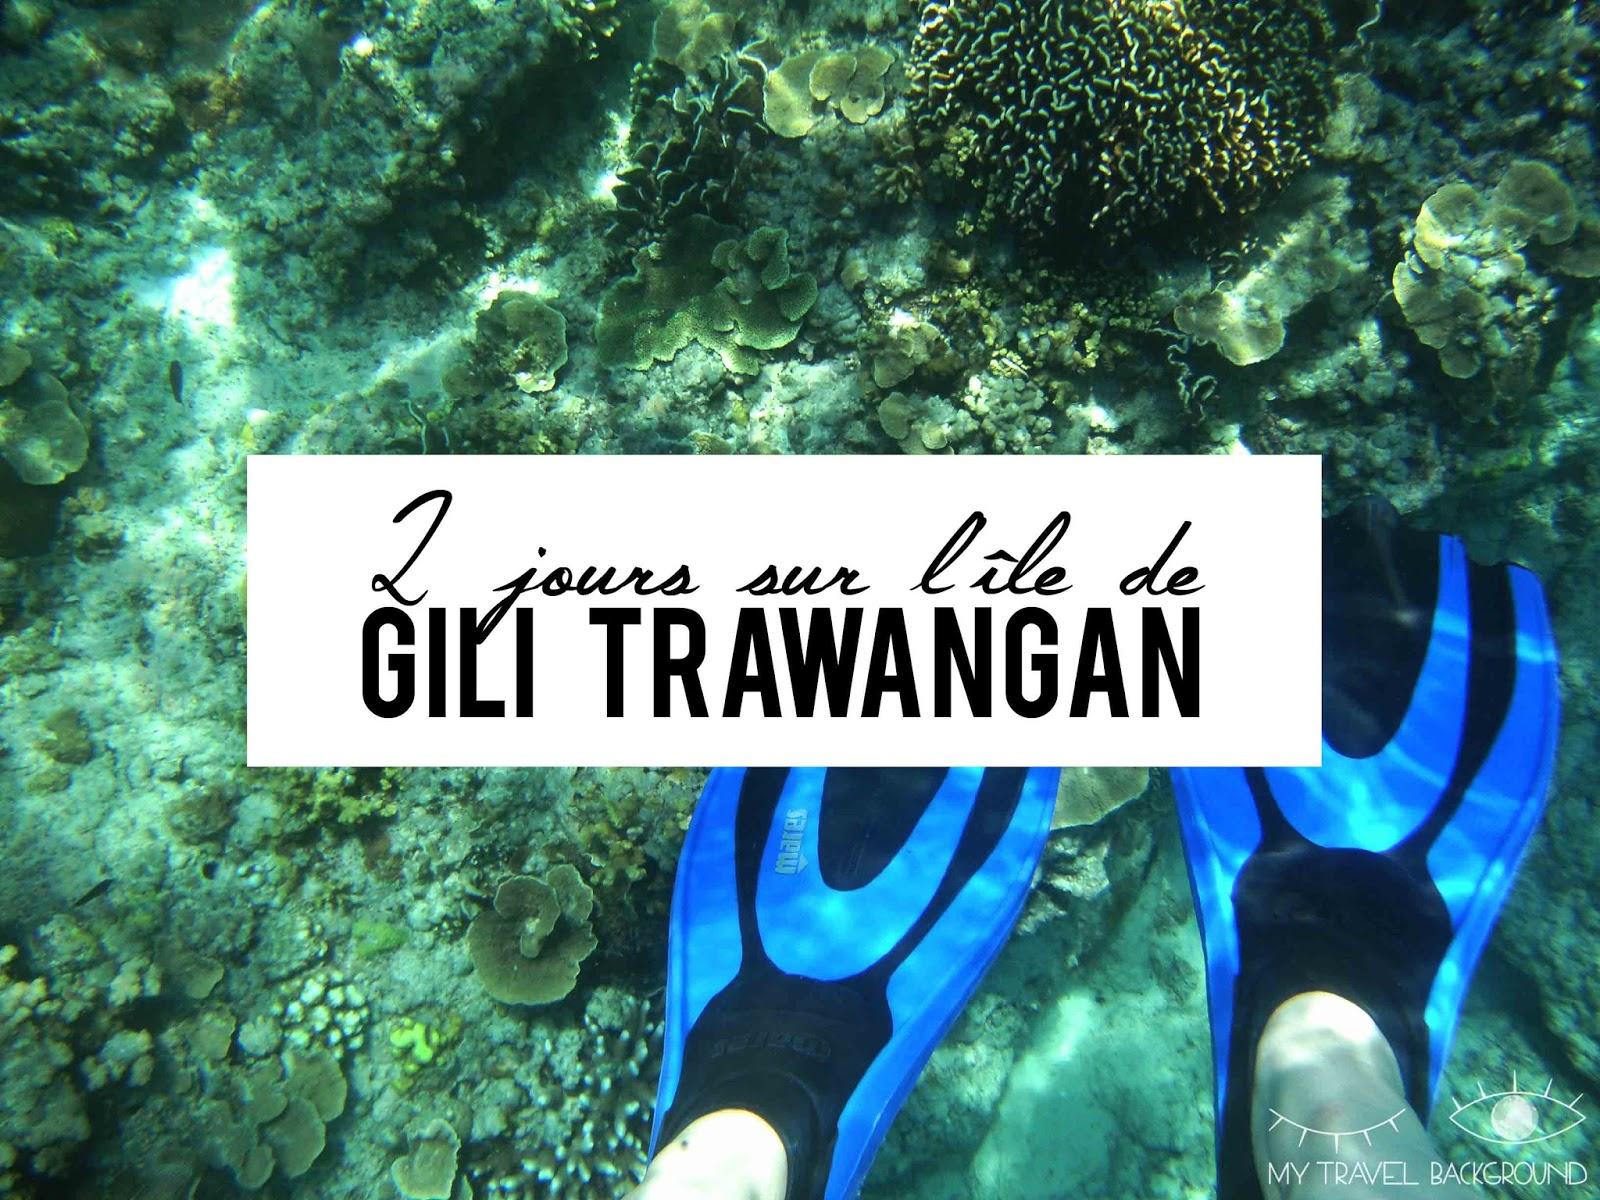 My Travel Background : 2 jours sur l'île de Gili Trawangan